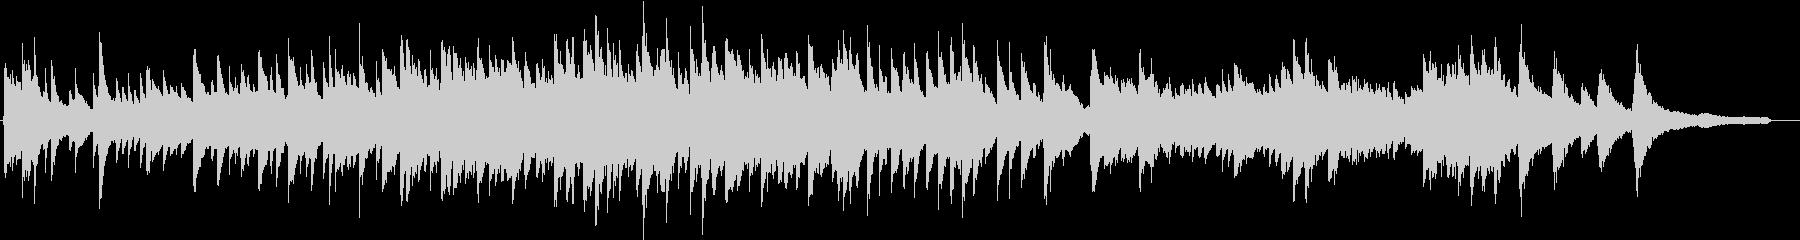 ヒーリング系のピアノソロ(スタインウェイの未再生の波形